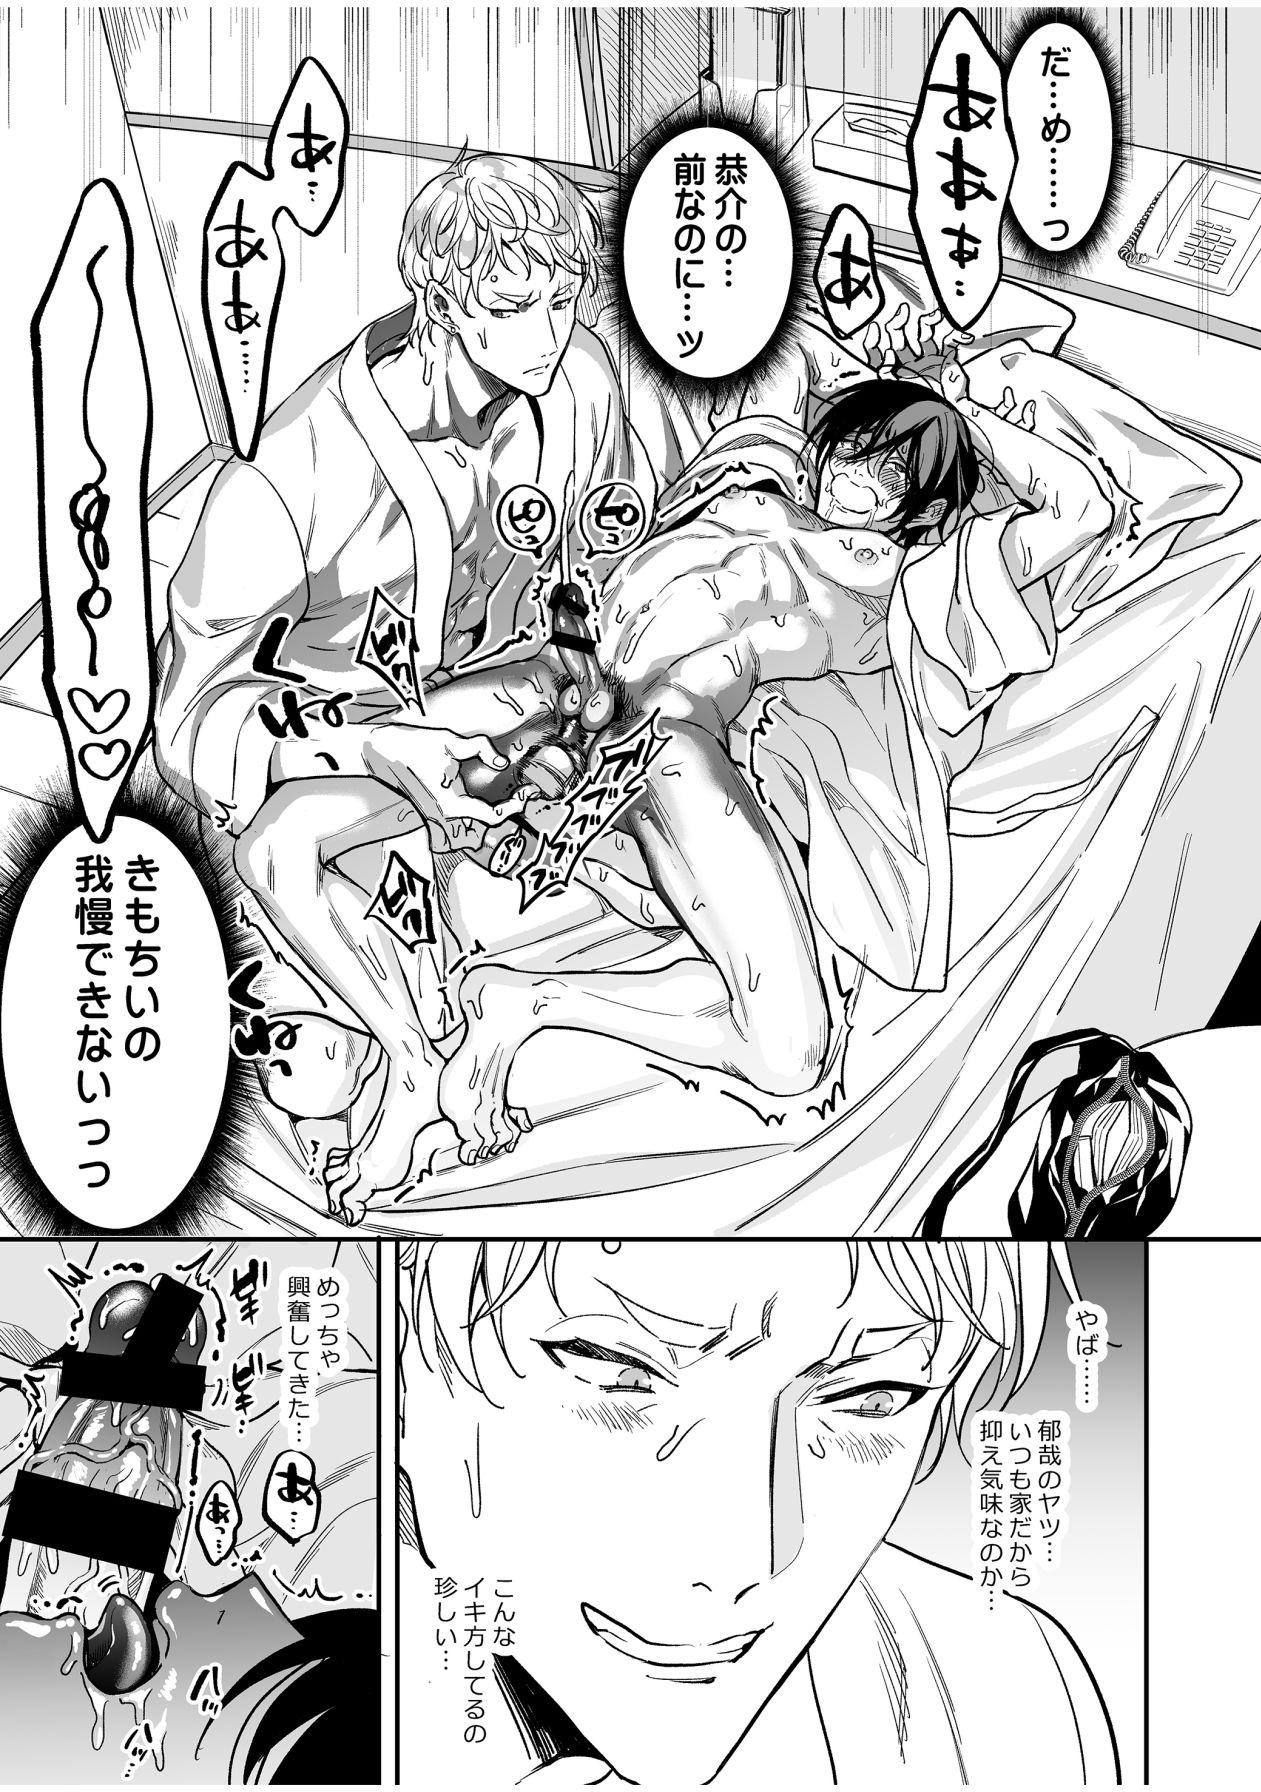 Kō seinen kappuru wa kyūjitsu no dēto ga tanoshimi de shikatanai 41